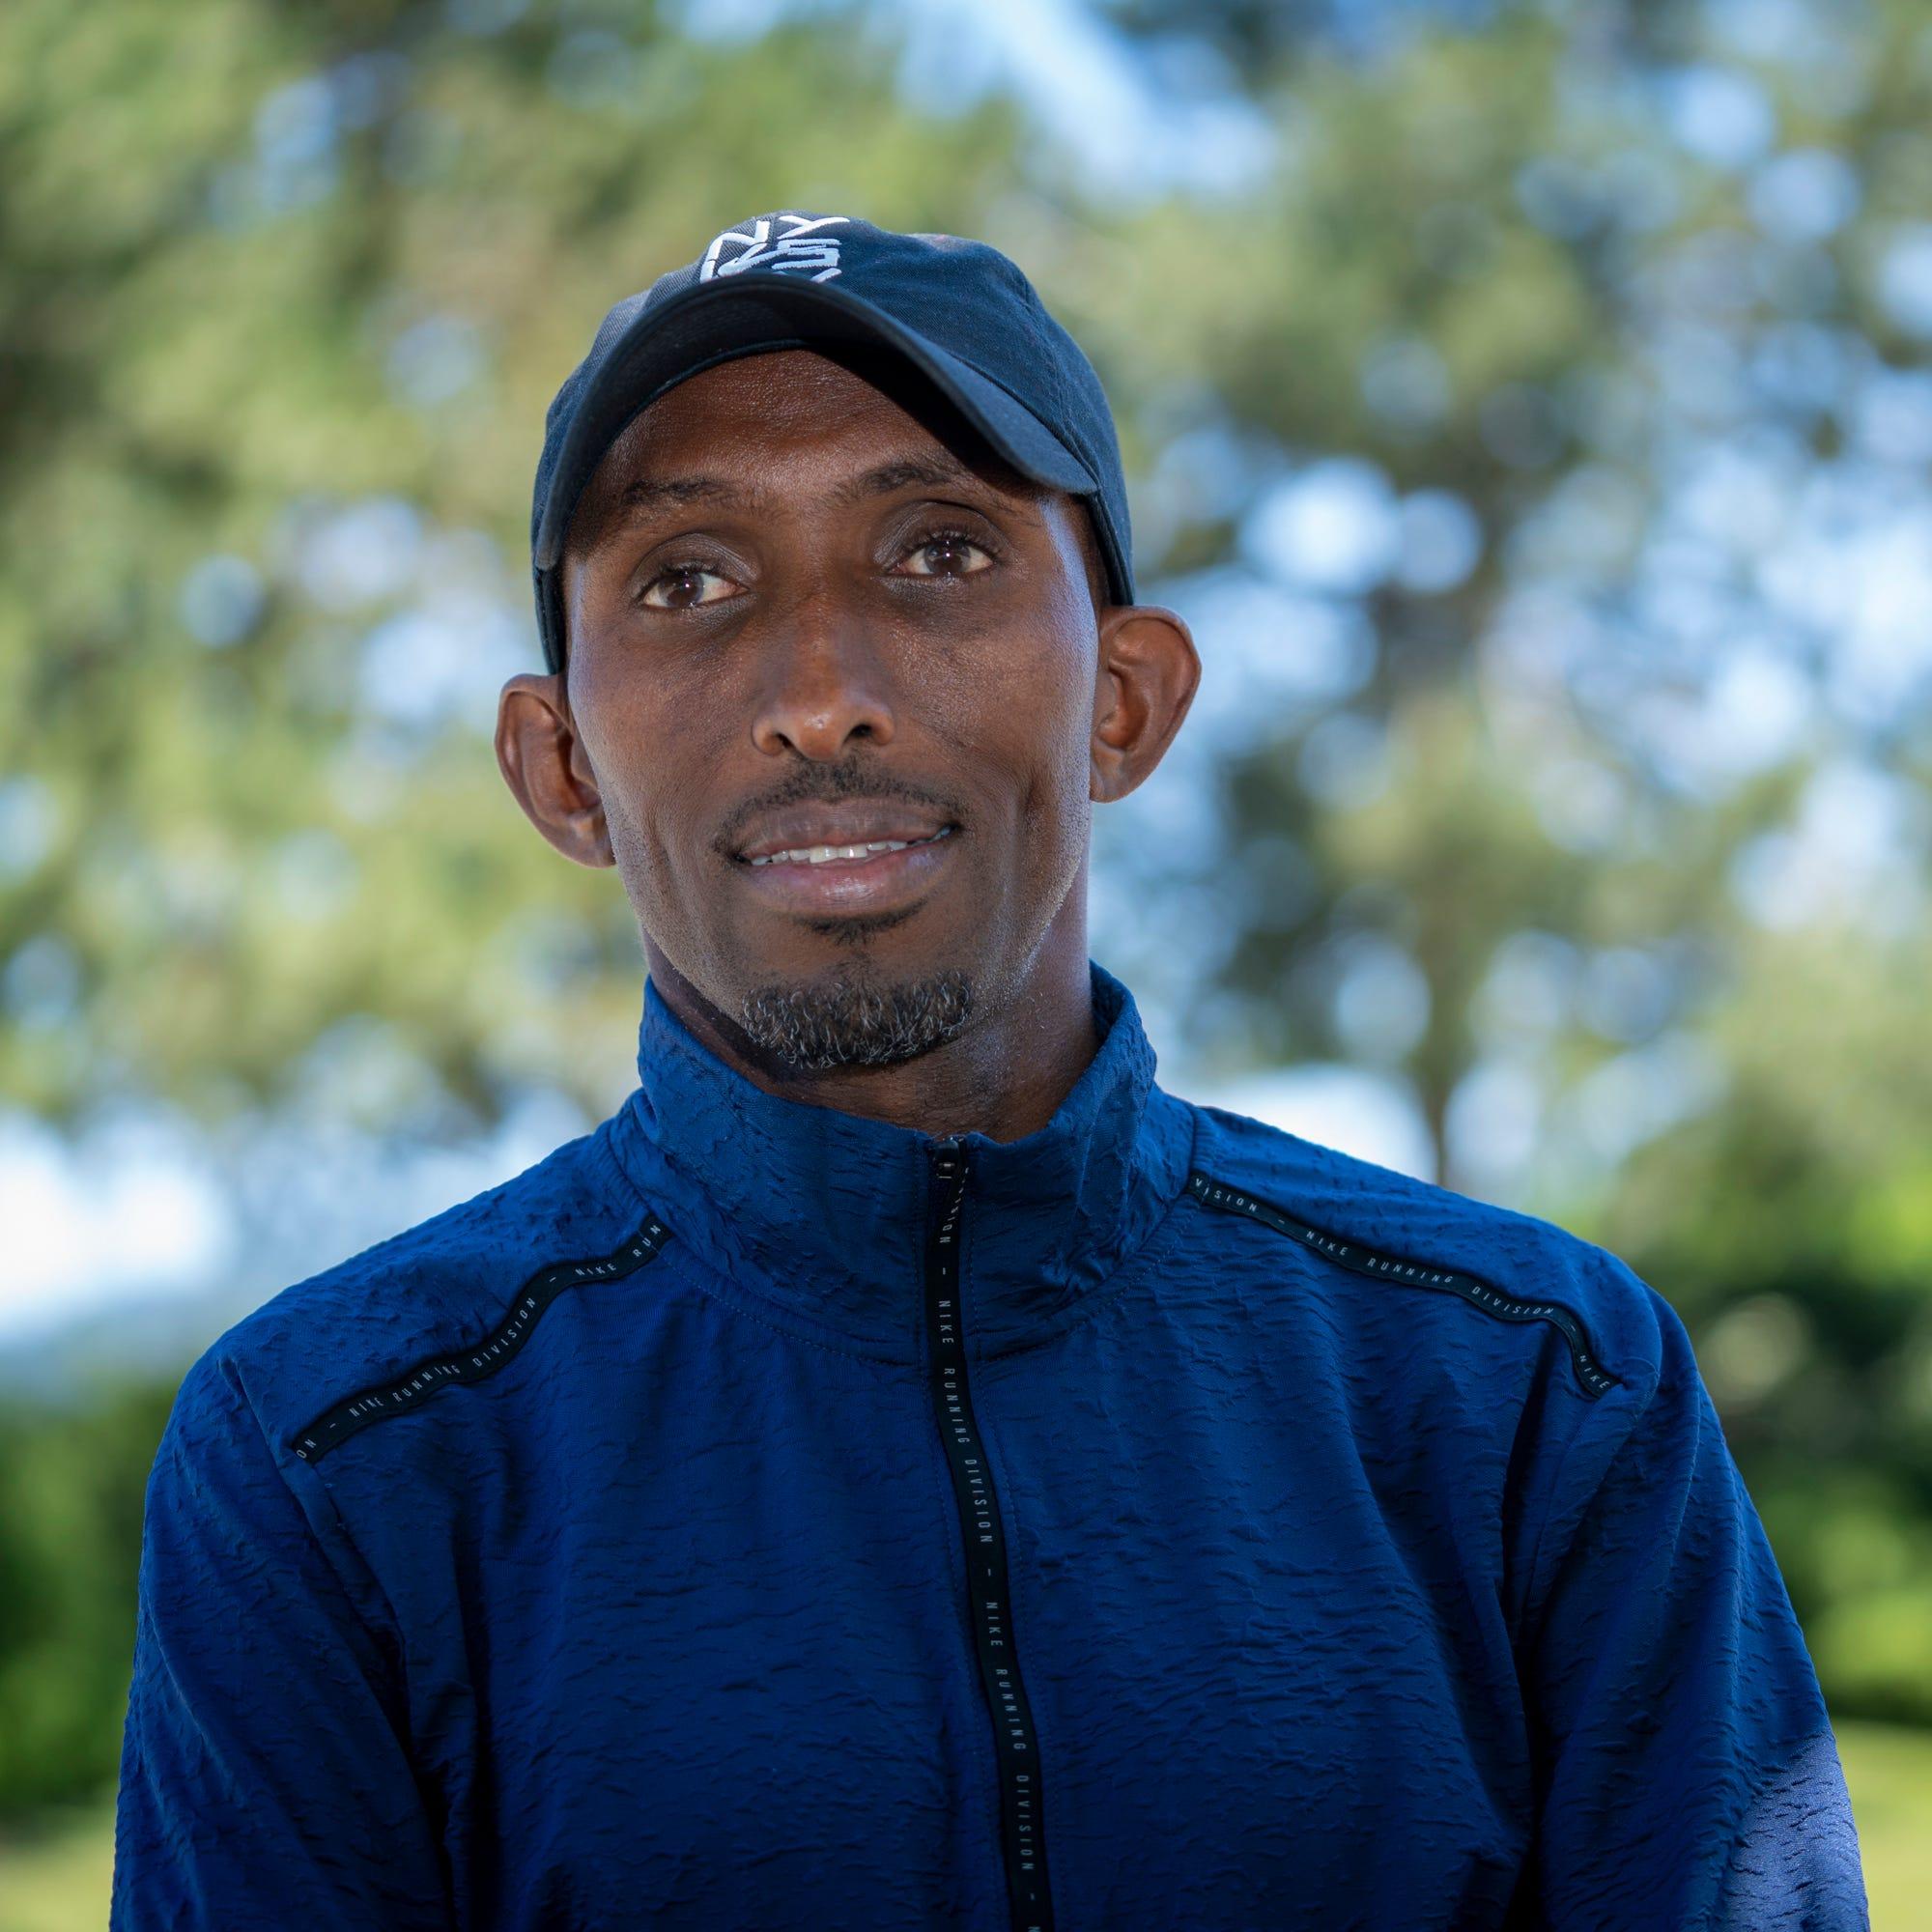 Abdi Abdirahman